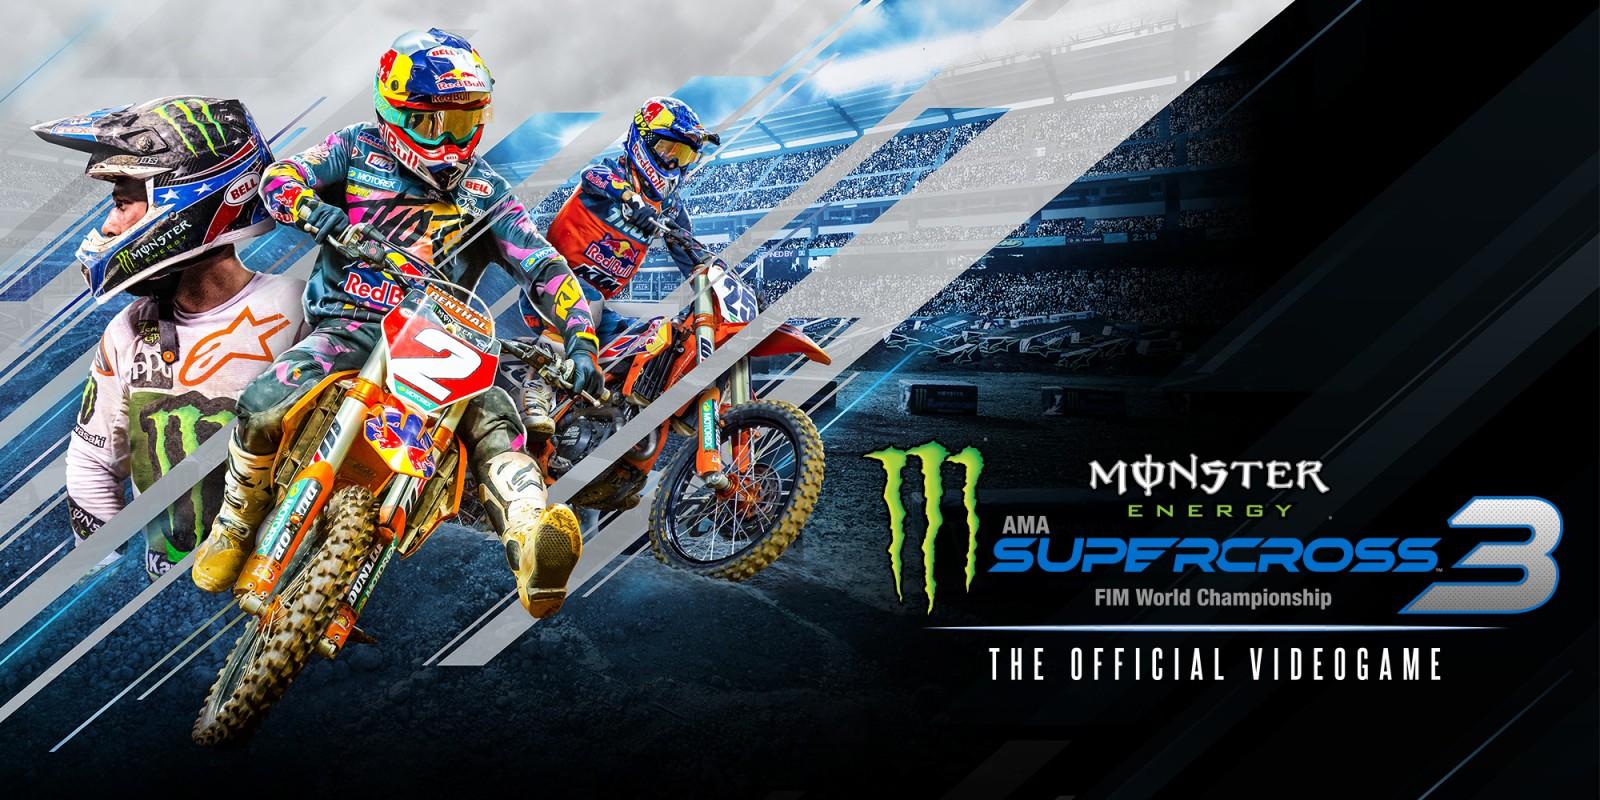 Monster Energy Supercross 3 Final